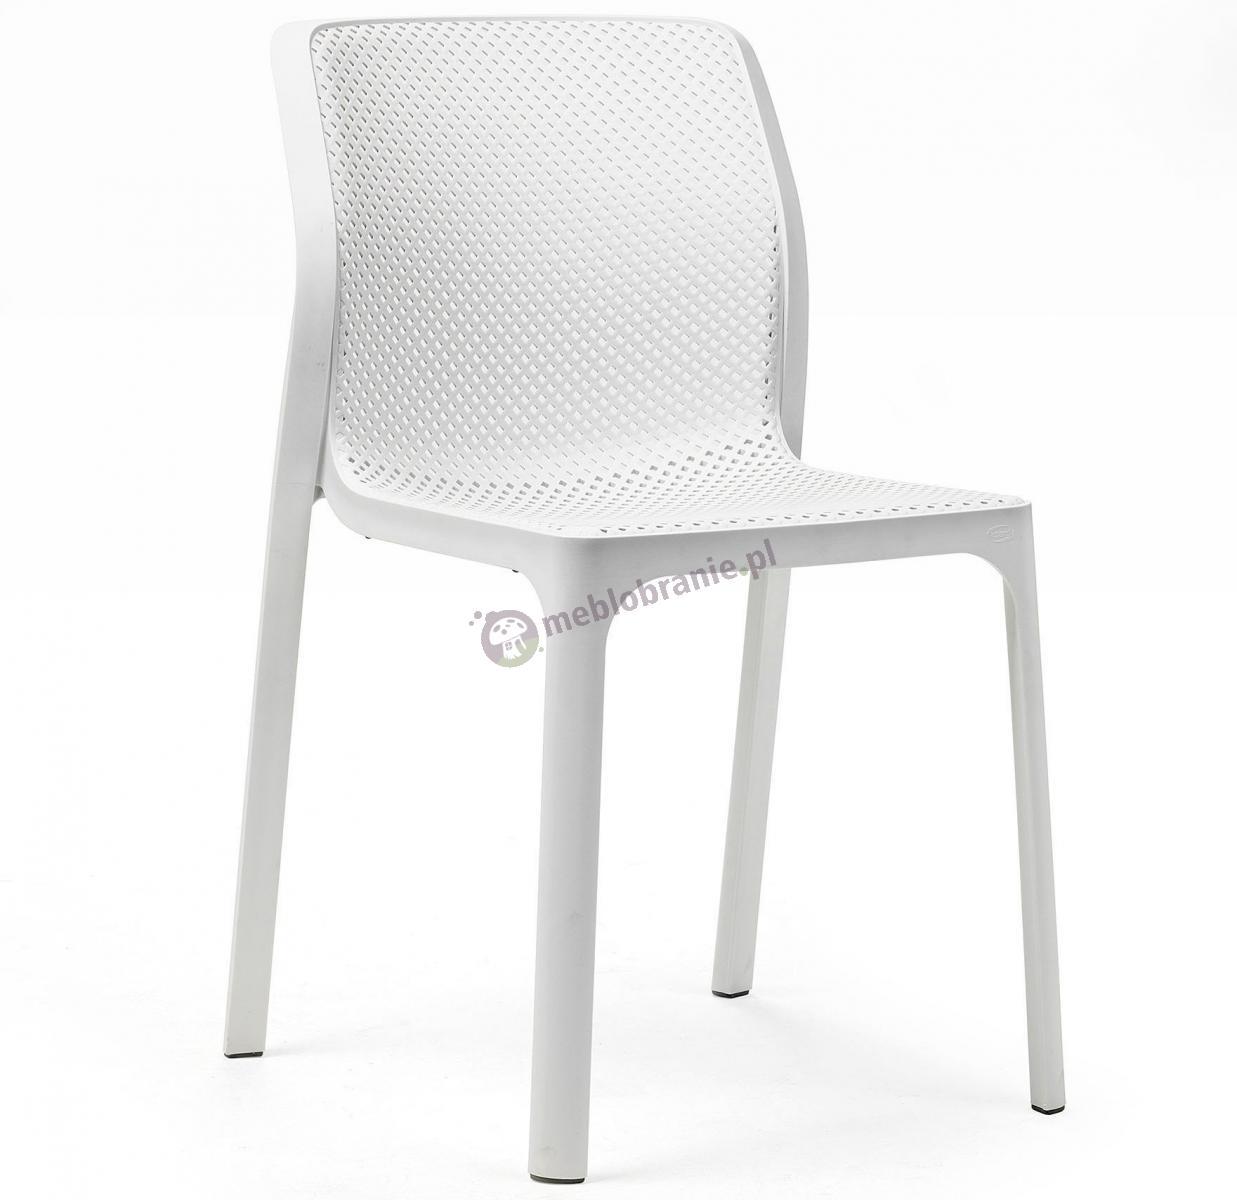 Nardi Bit krzesło ażurowe na taras Bianco